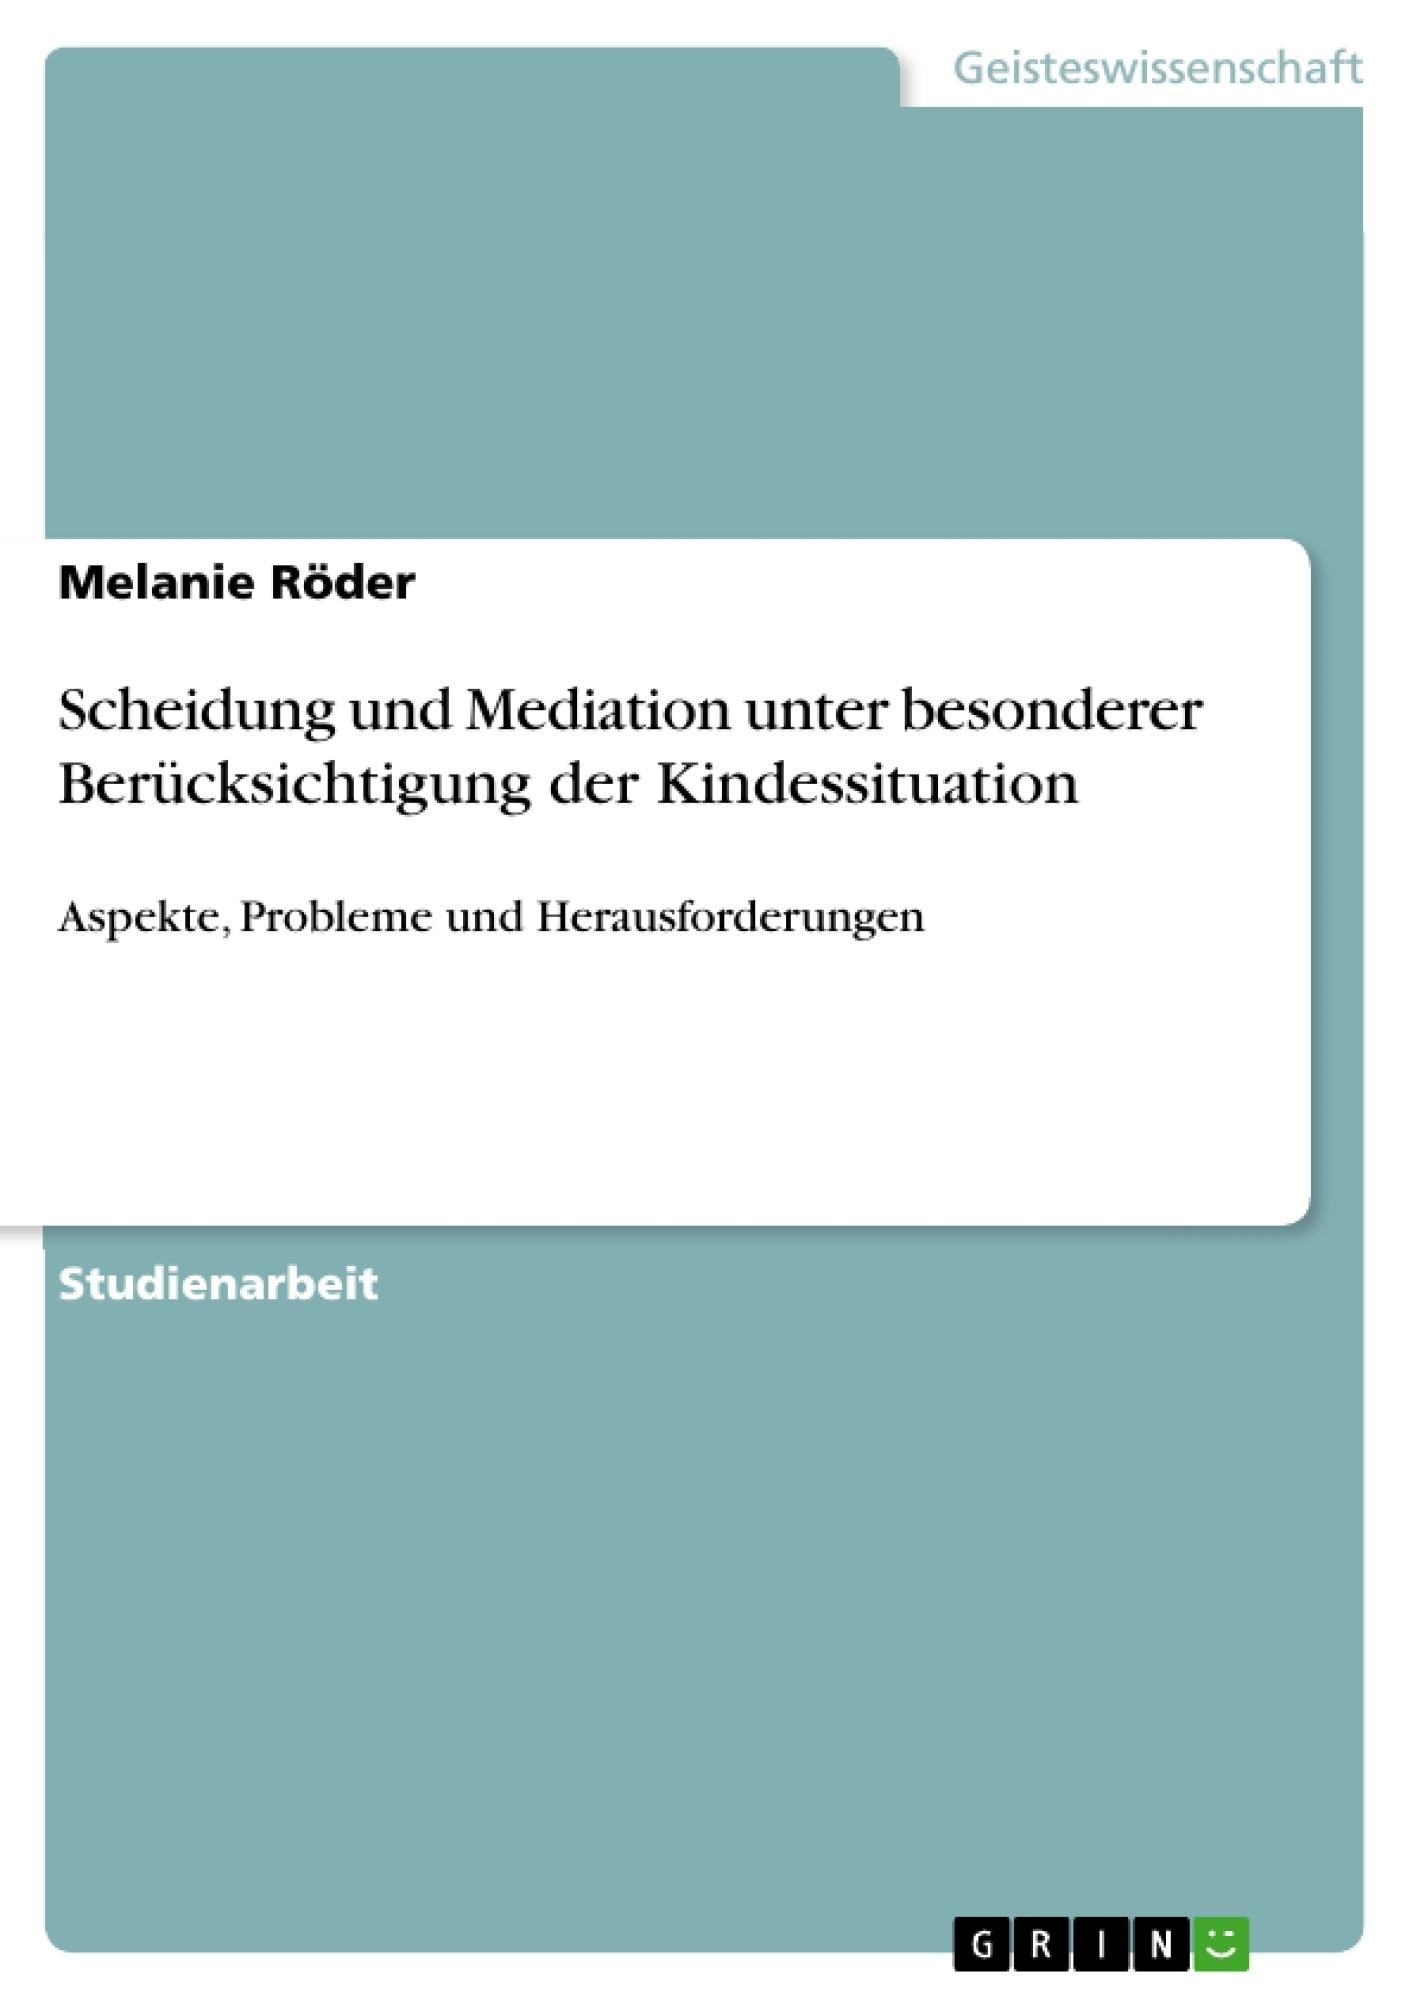 Titel: Scheidung und Mediation unter besonderer Berücksichtigung der Kindessituation